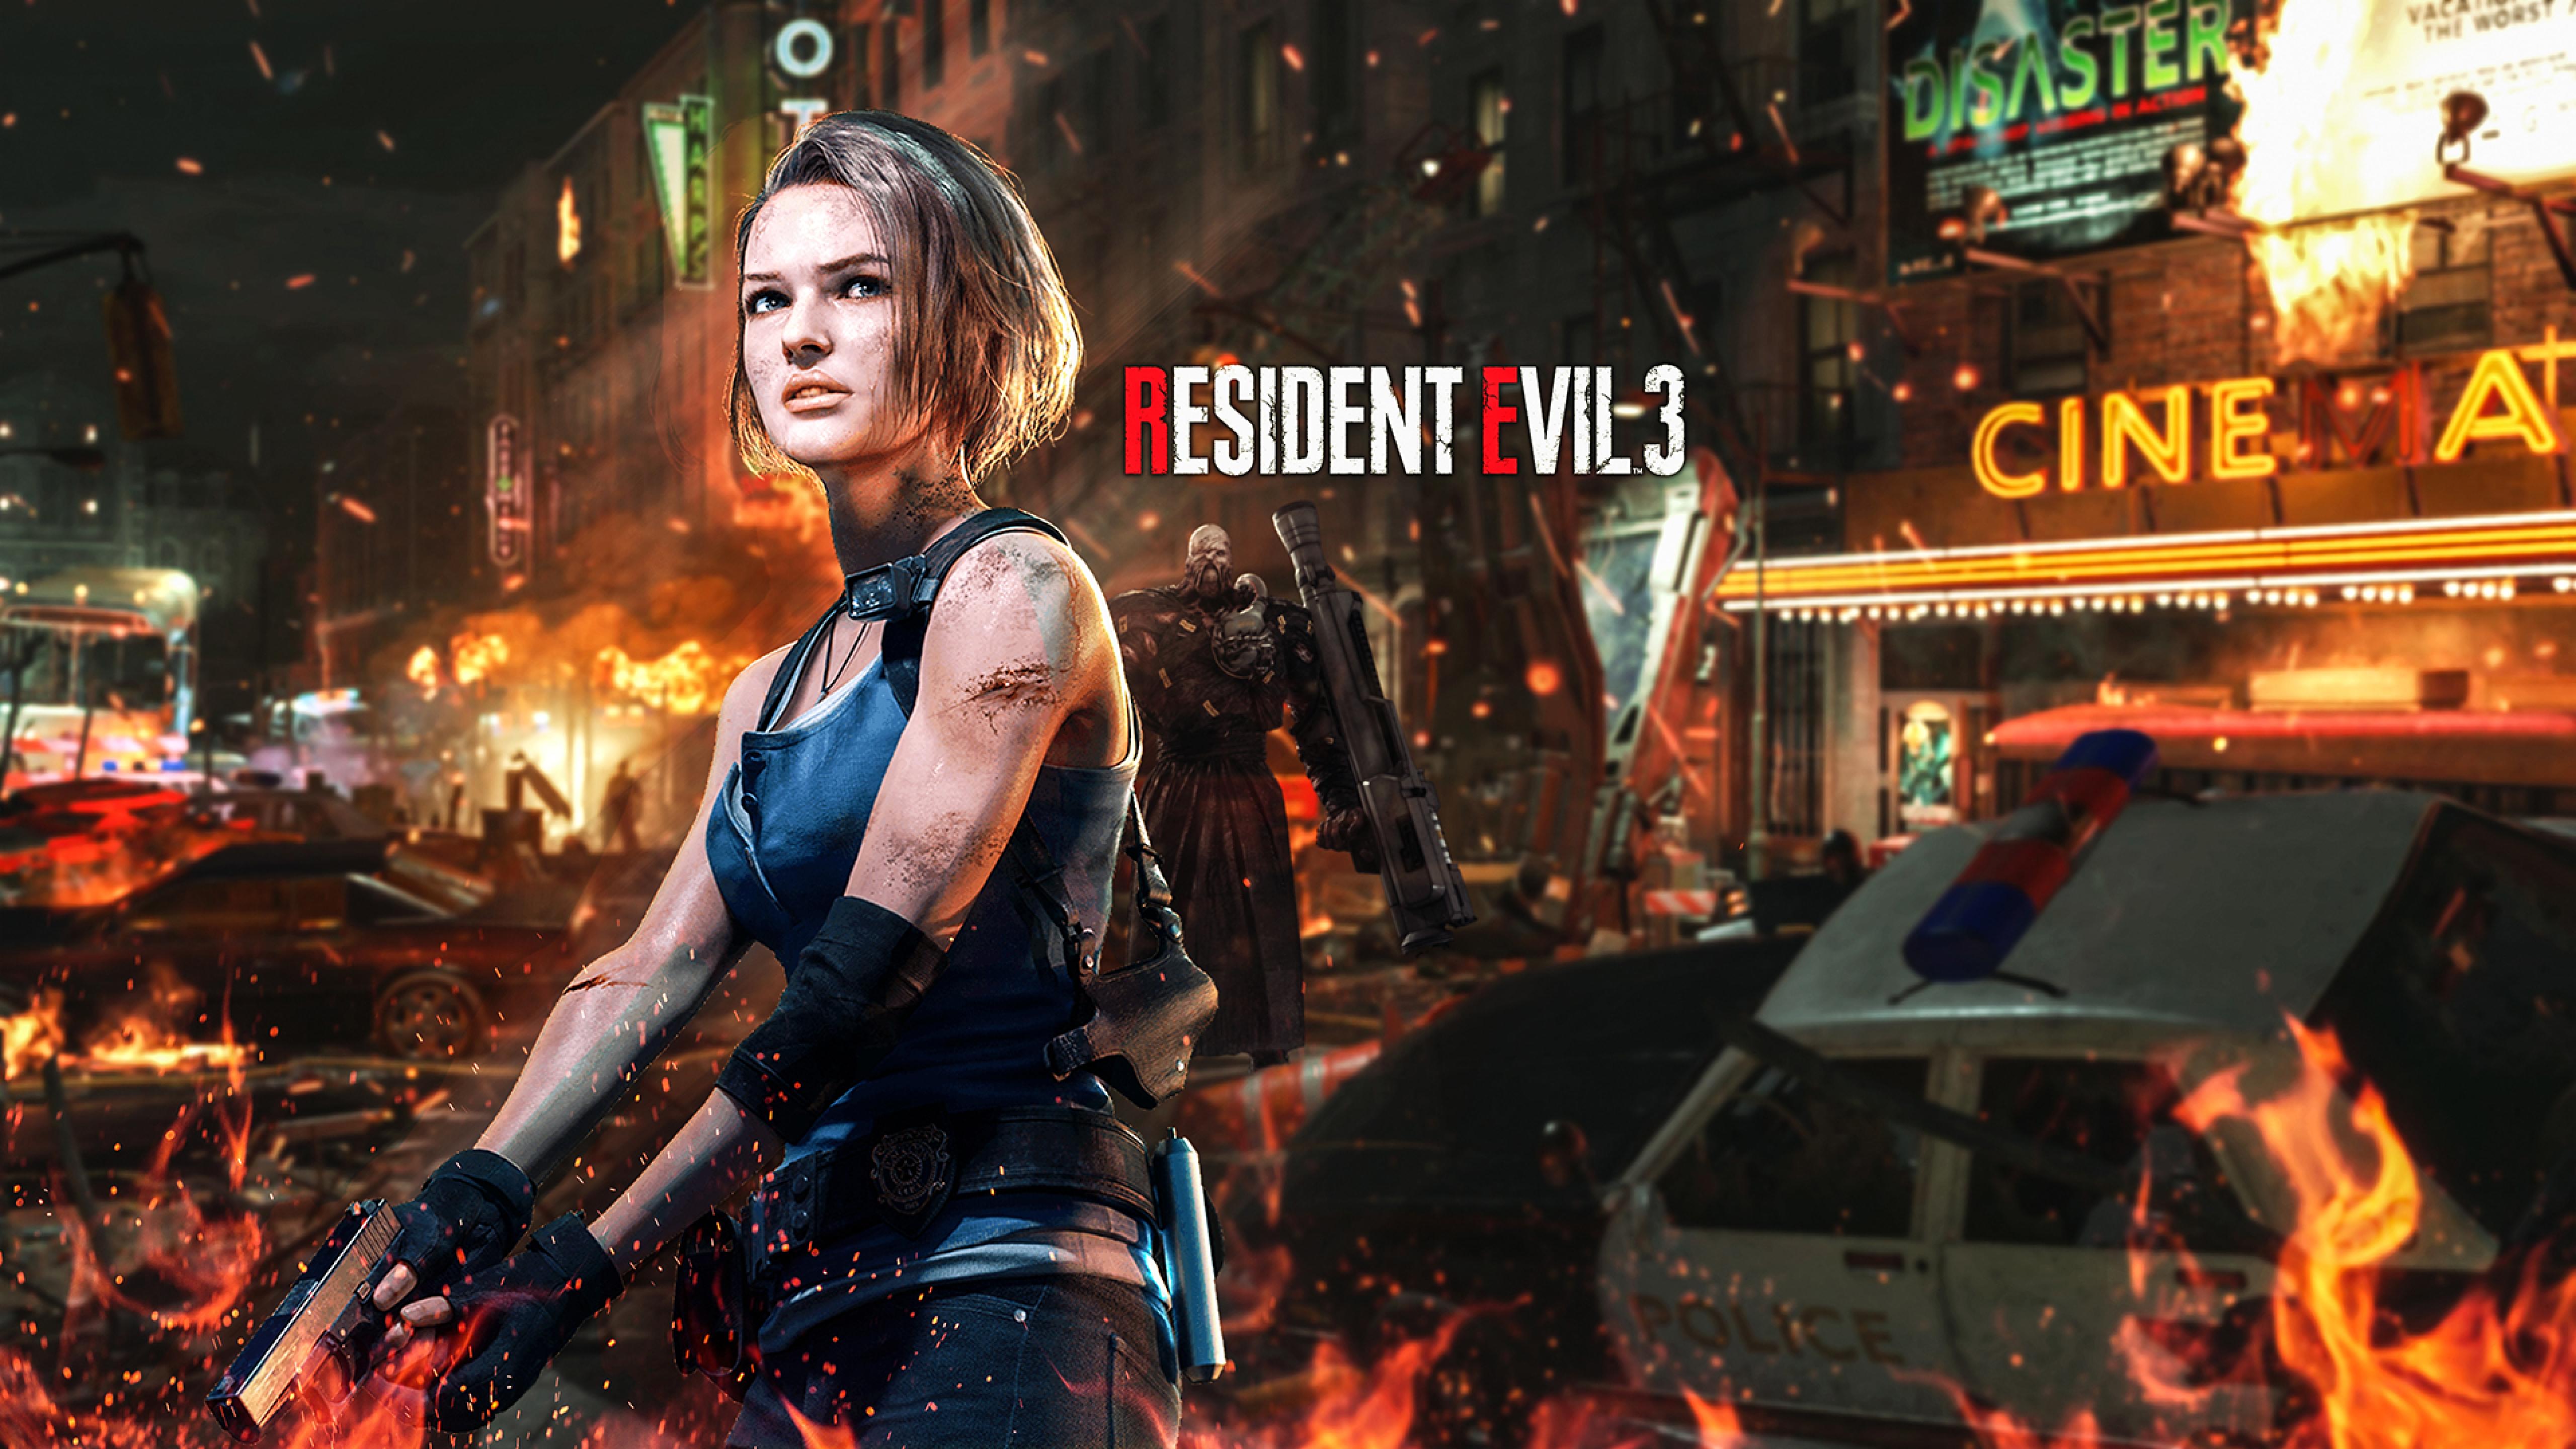 5120x2880 Jill Valentine Resident Evil 2020 Art 5k Wallpaper Hd